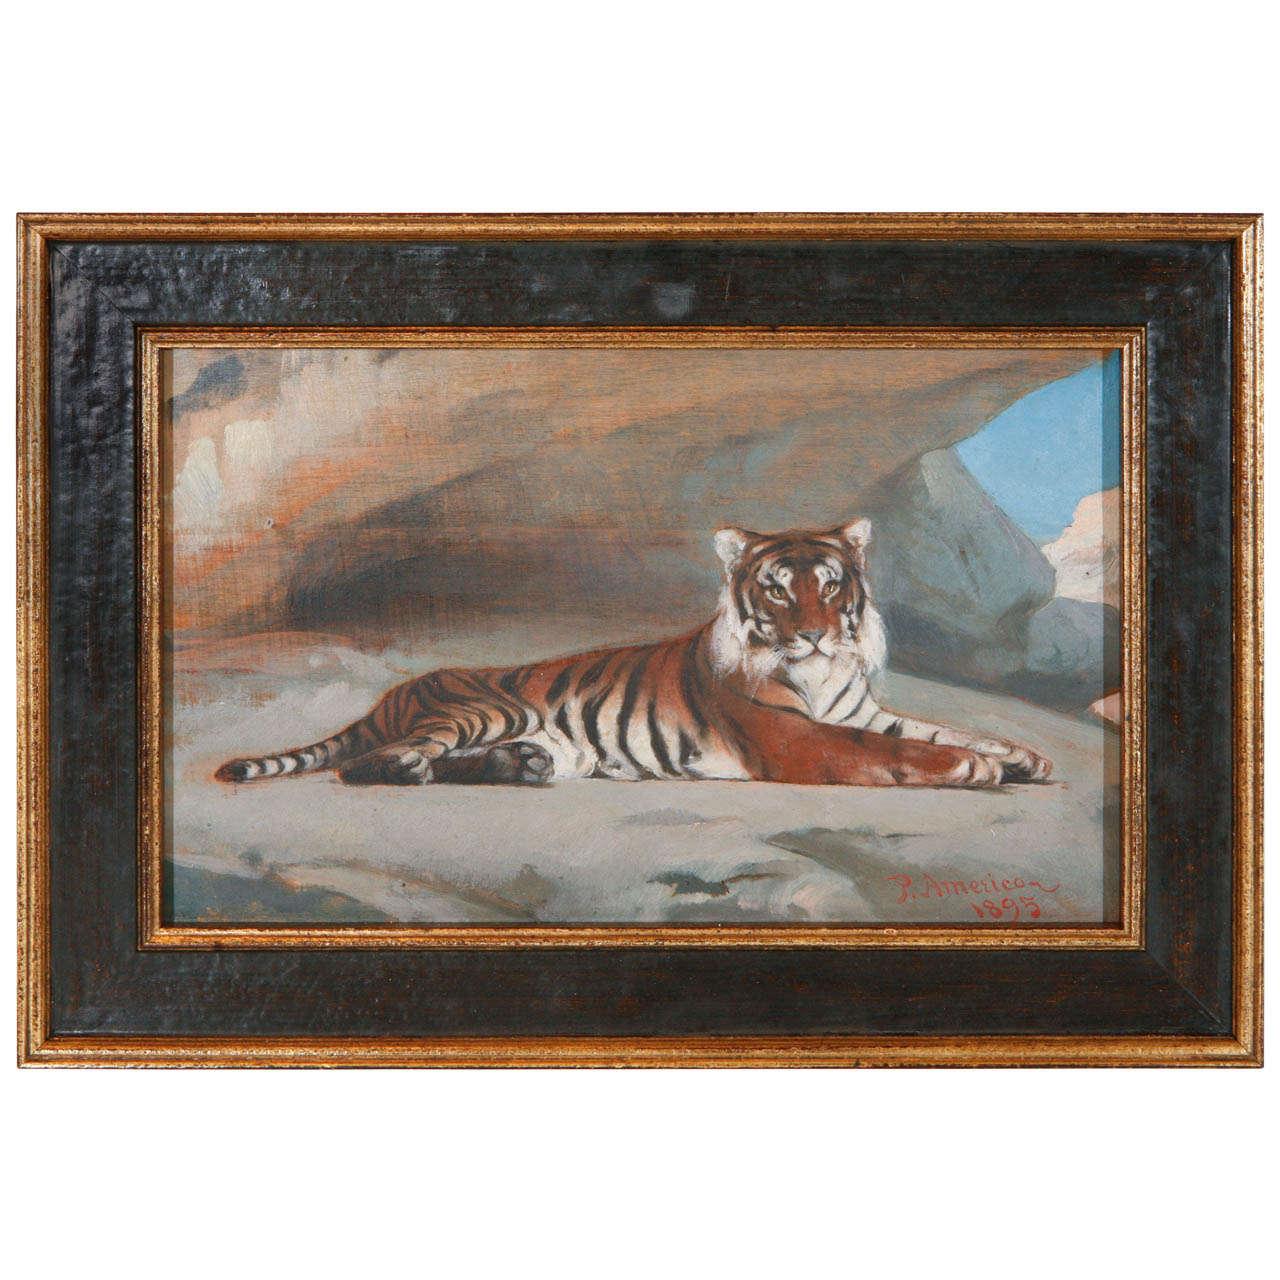 Original 19th Century Oil Painting